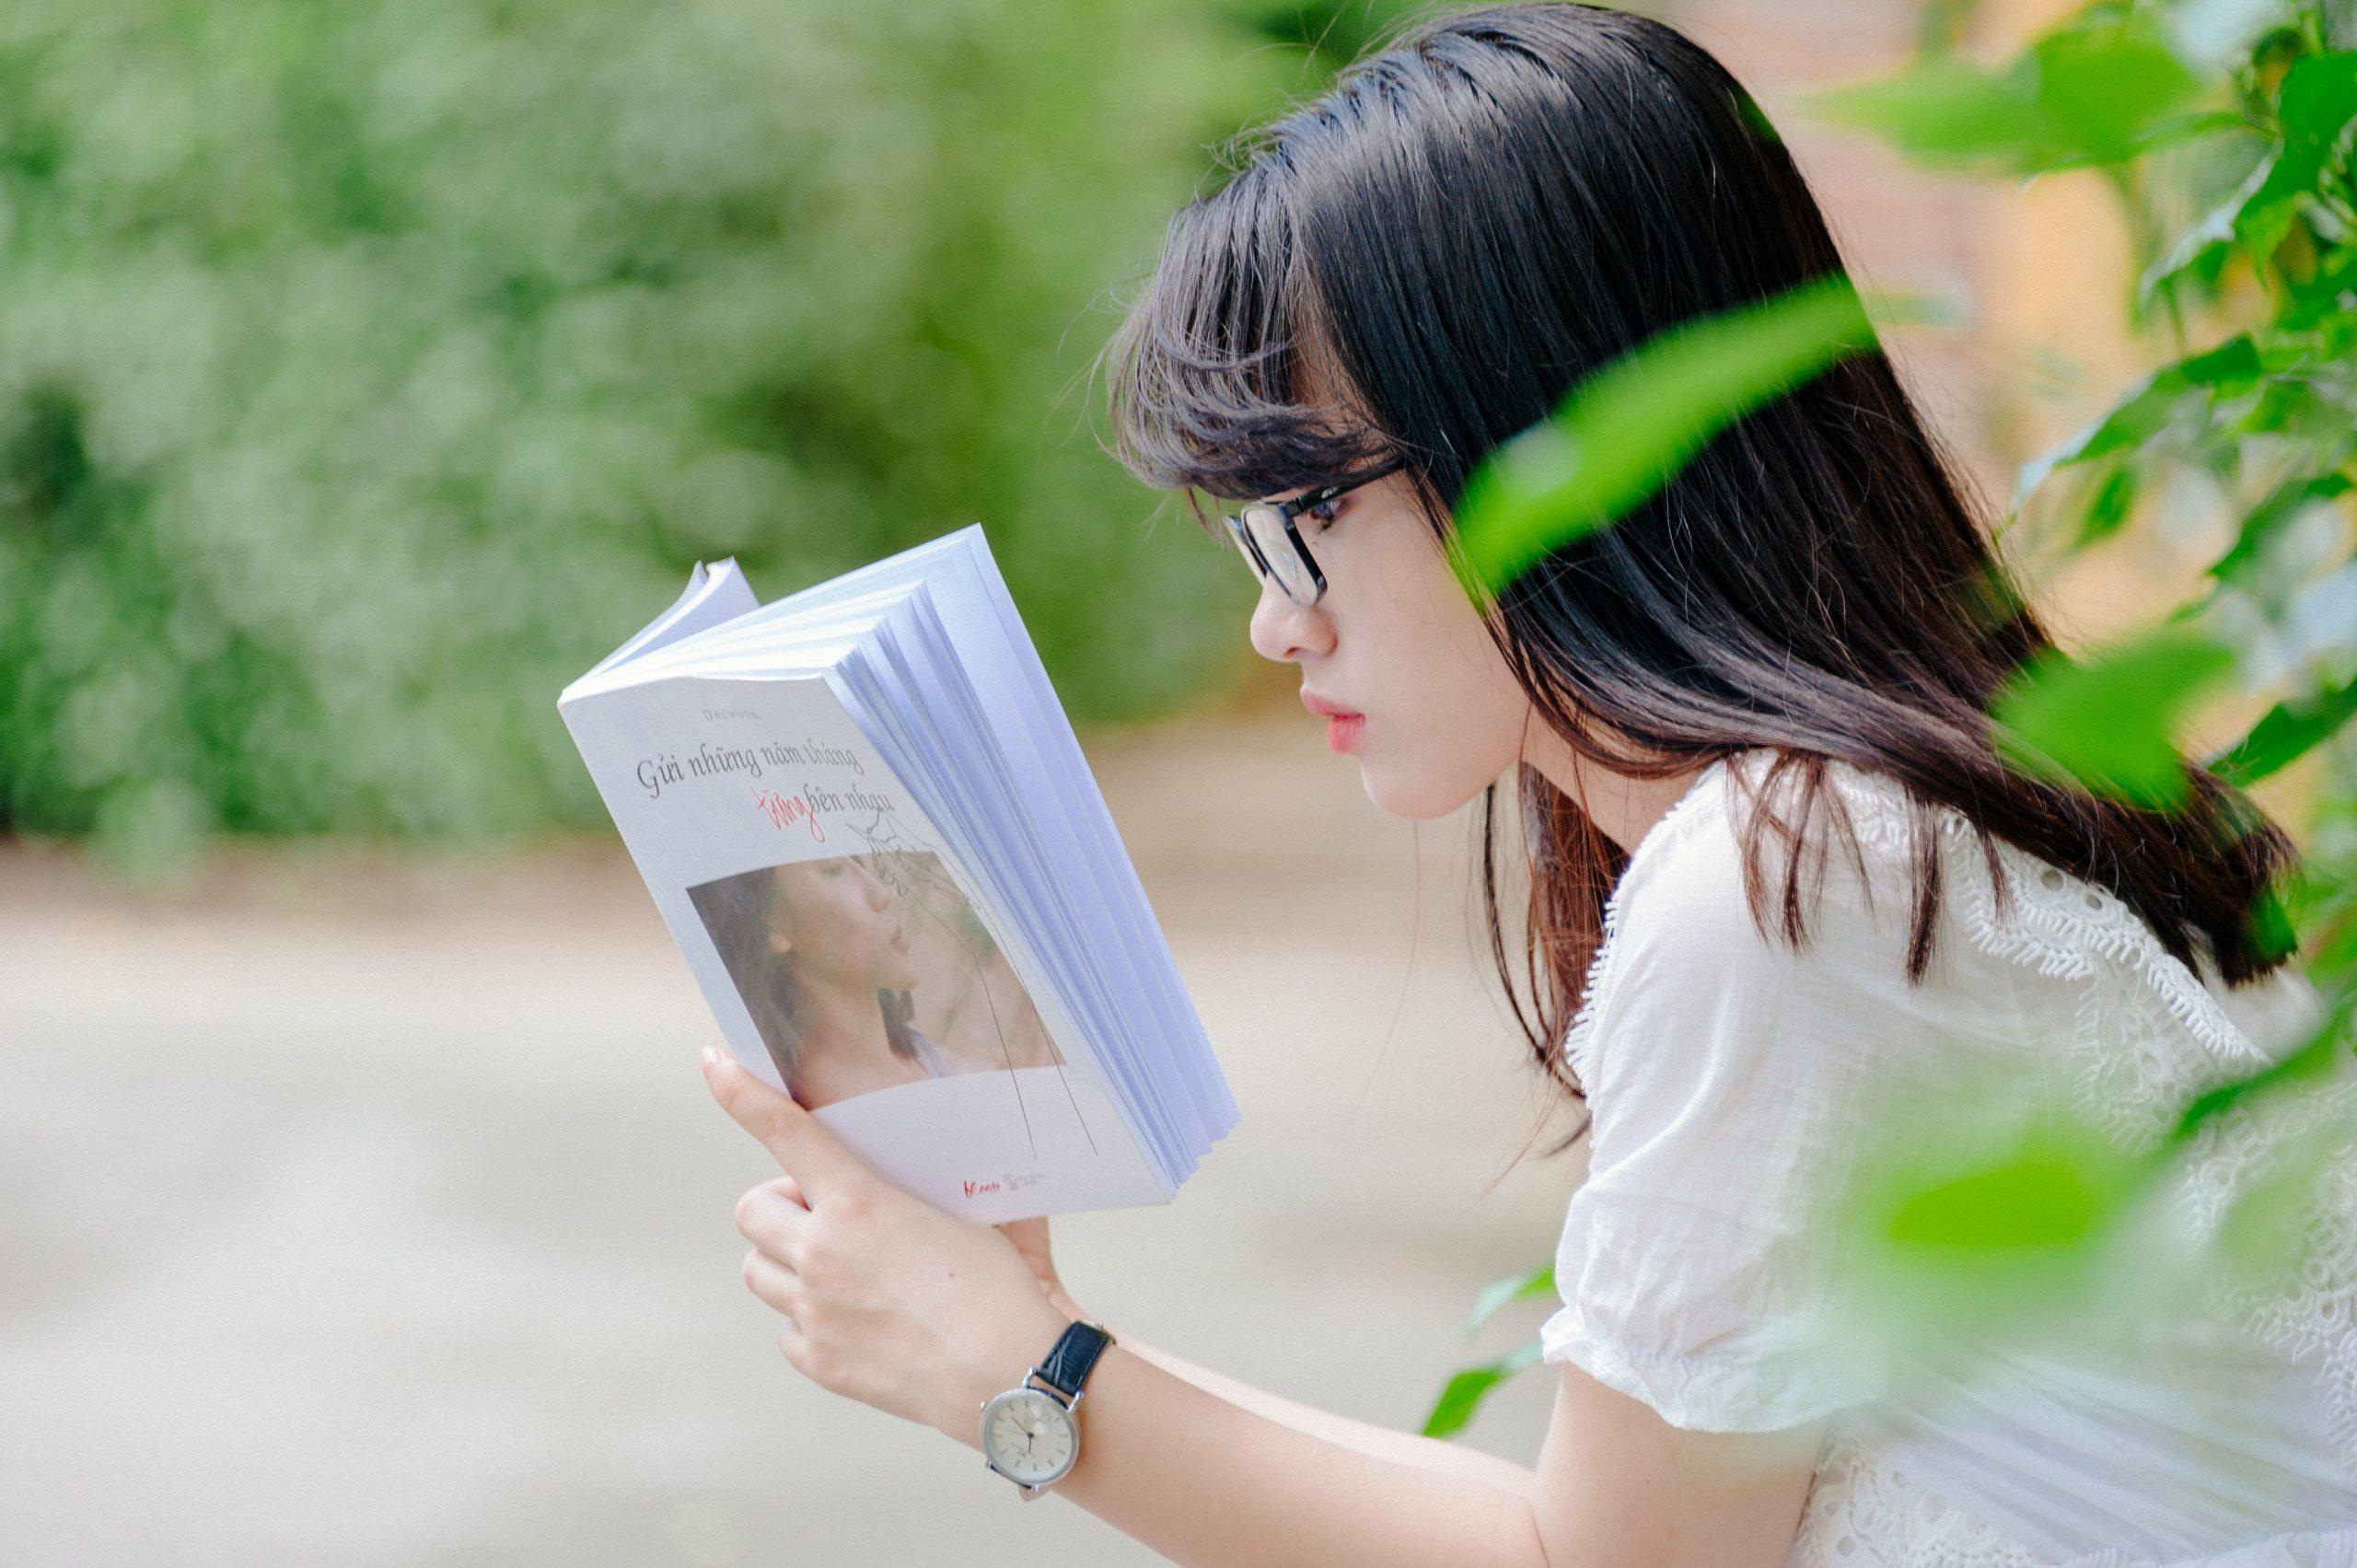 Conoce la regla 20-20-20 que te ayudará a disminuir problemas de la vista